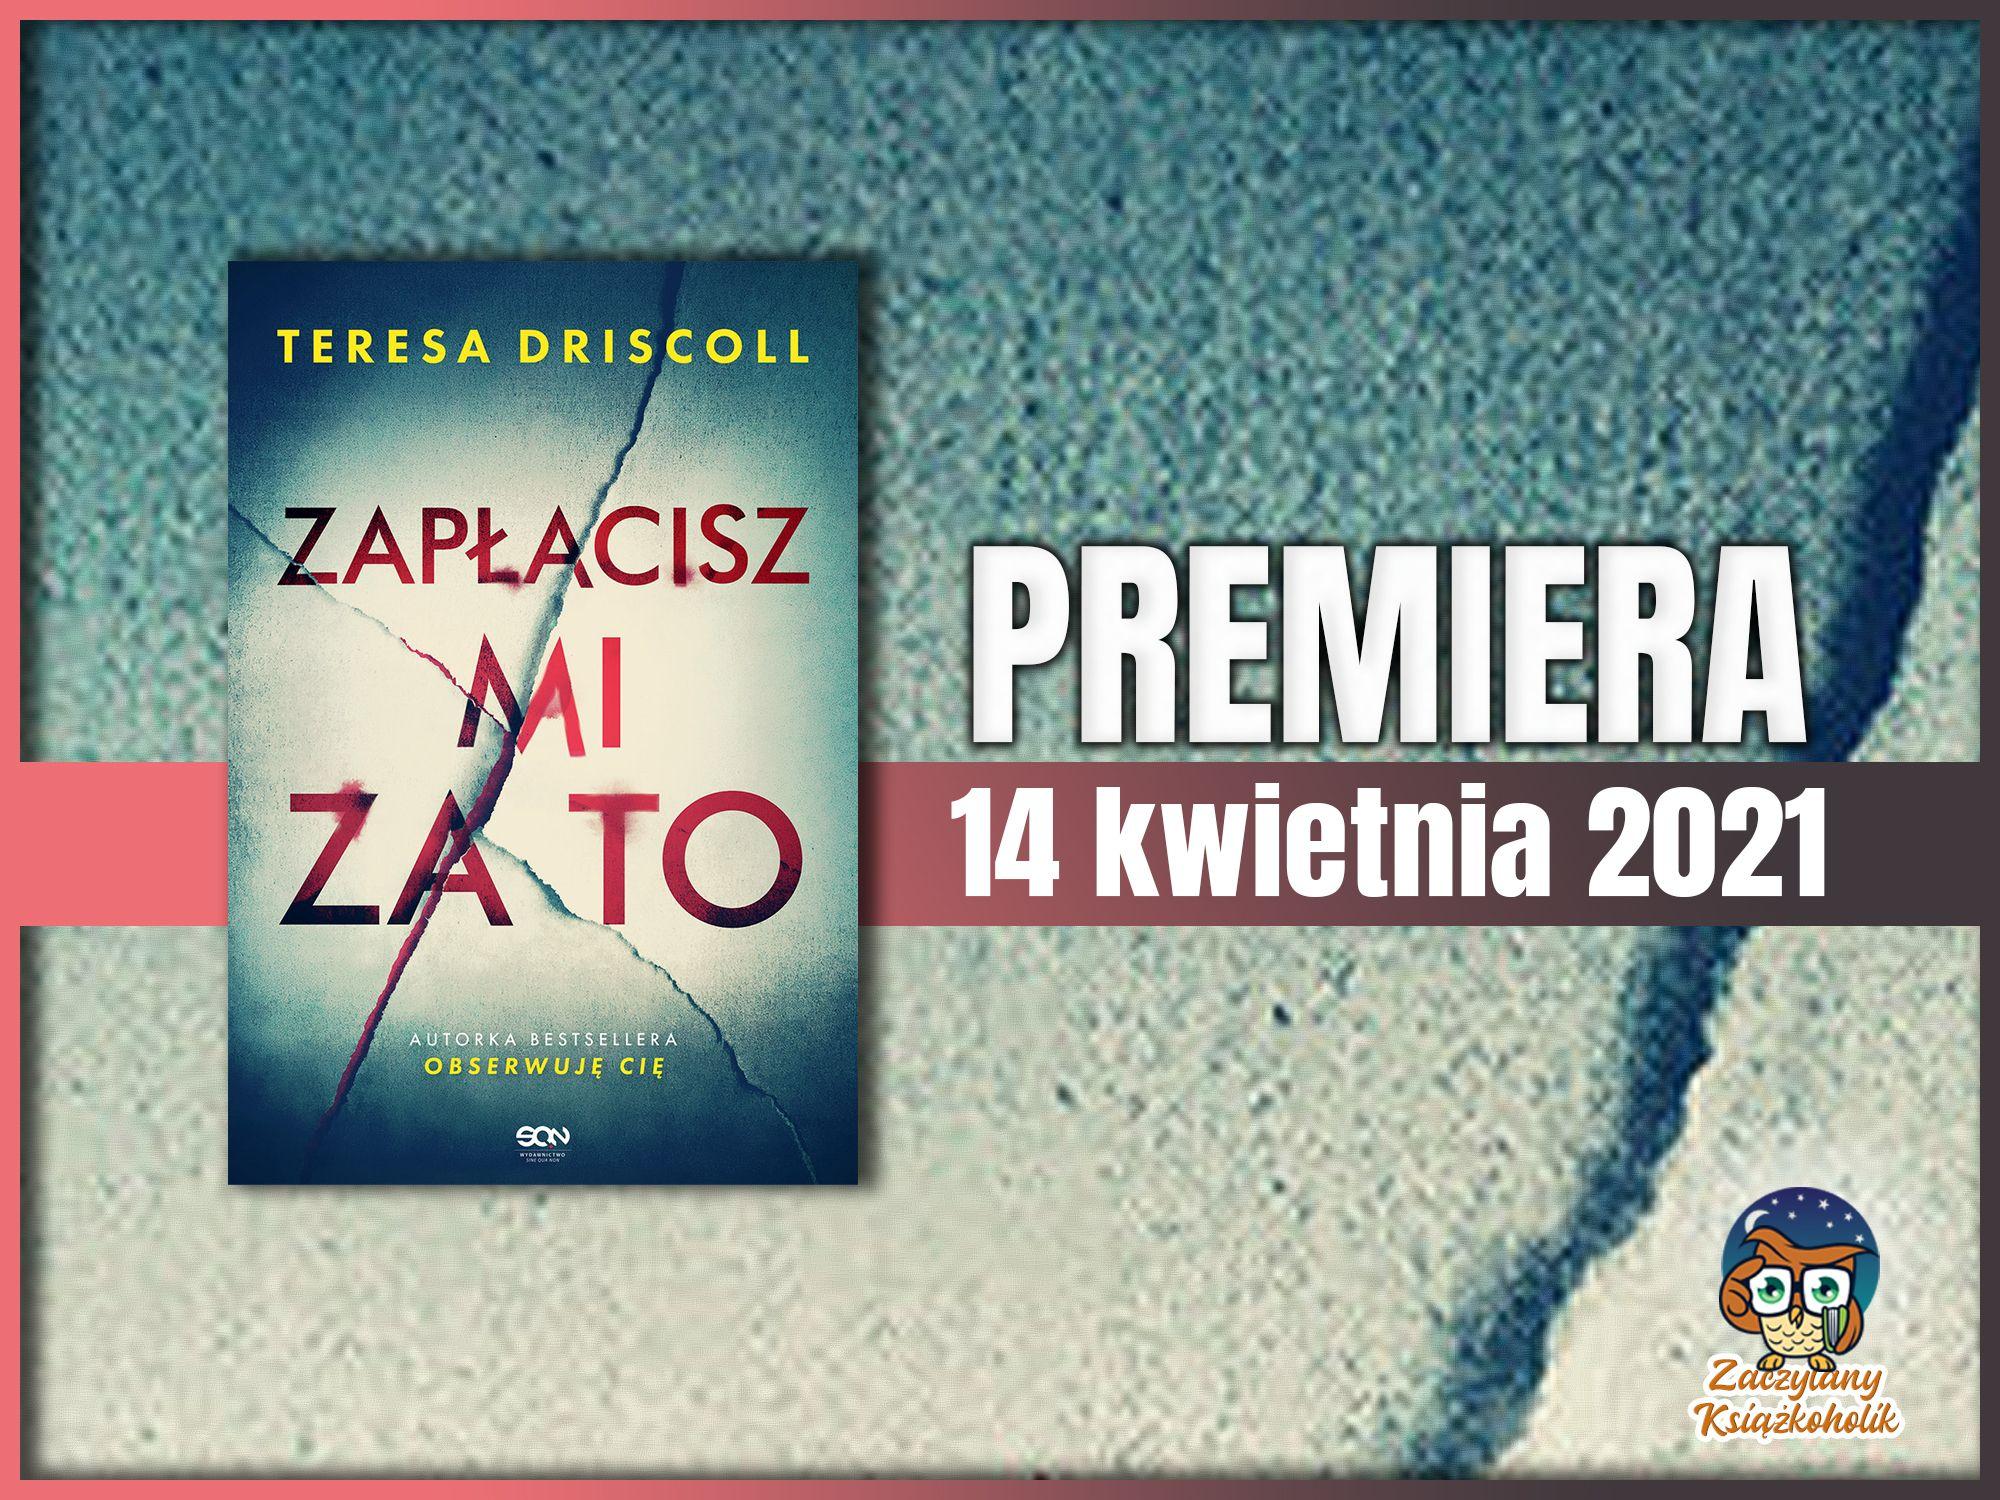 Zapłacisz mi za to, Teresa Driscoll, zaczytanyksiazkoholik.pl